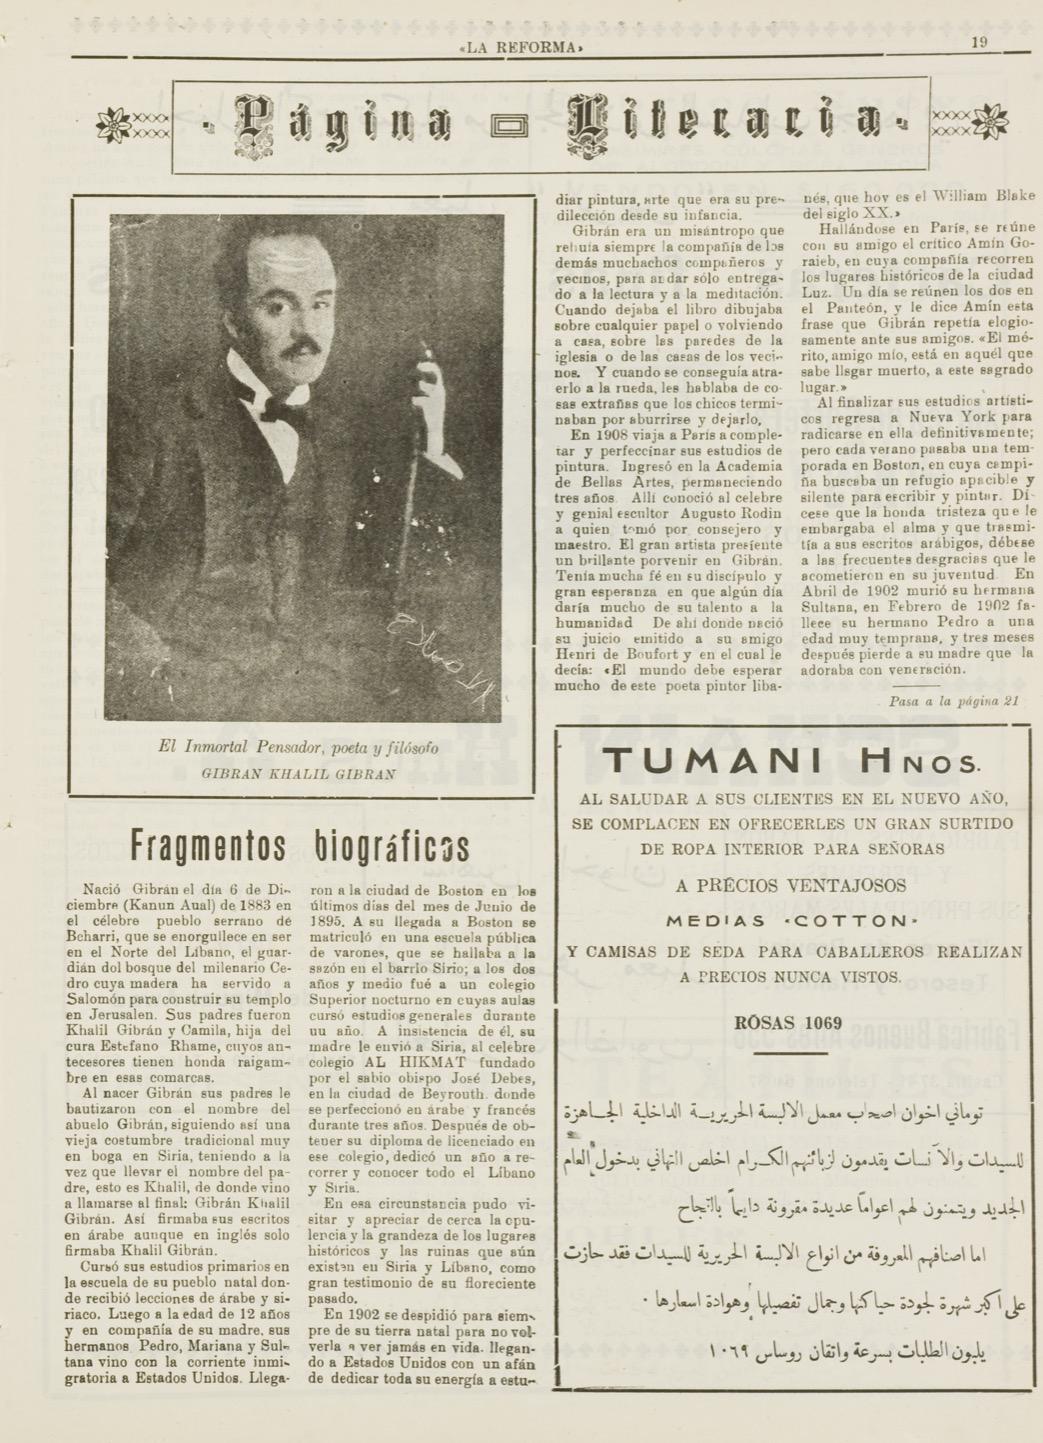 """""""Gibran Khalil Gibran: Fragmentos Biográficos"""", La Reforma, Jan 1, 1938, p. 15."""